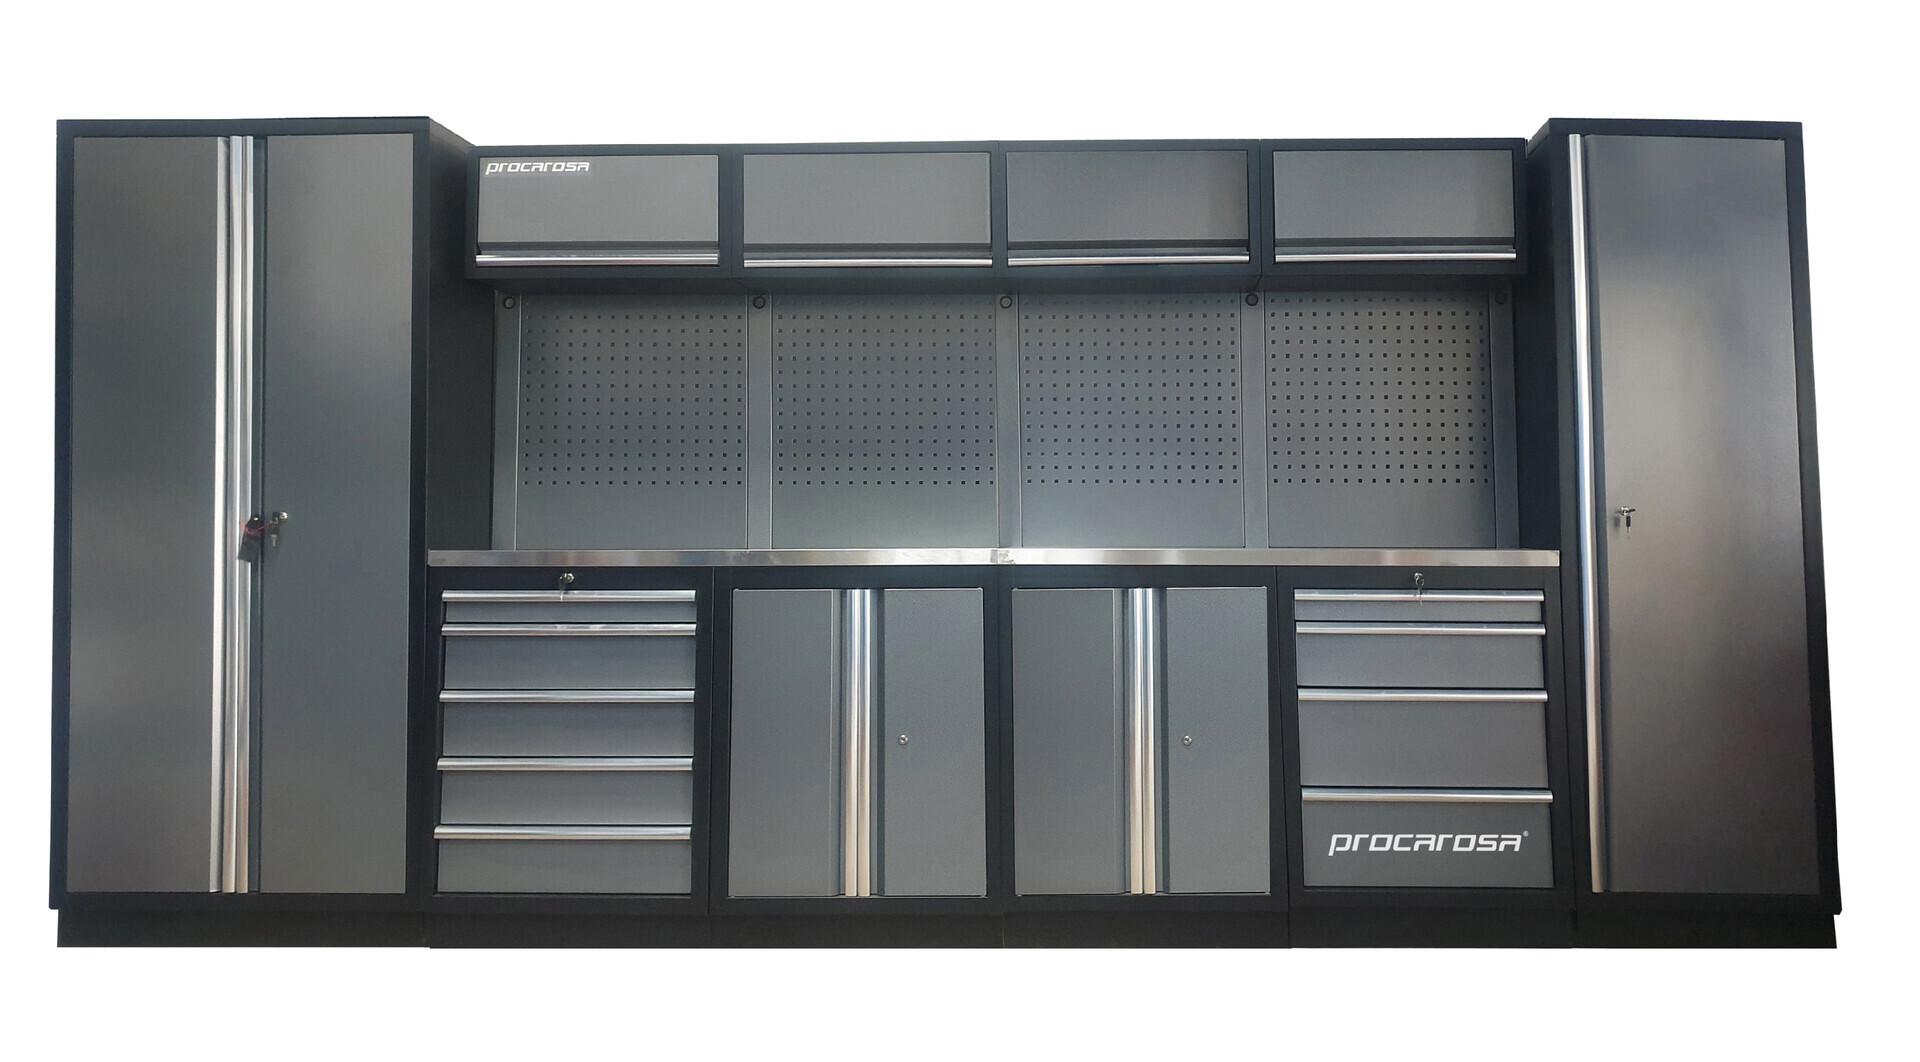 Sestava dílenského nábytku Procarosa PROFESSIONAL XL-3 Pracovní deska: nerezová, Hmotnost: